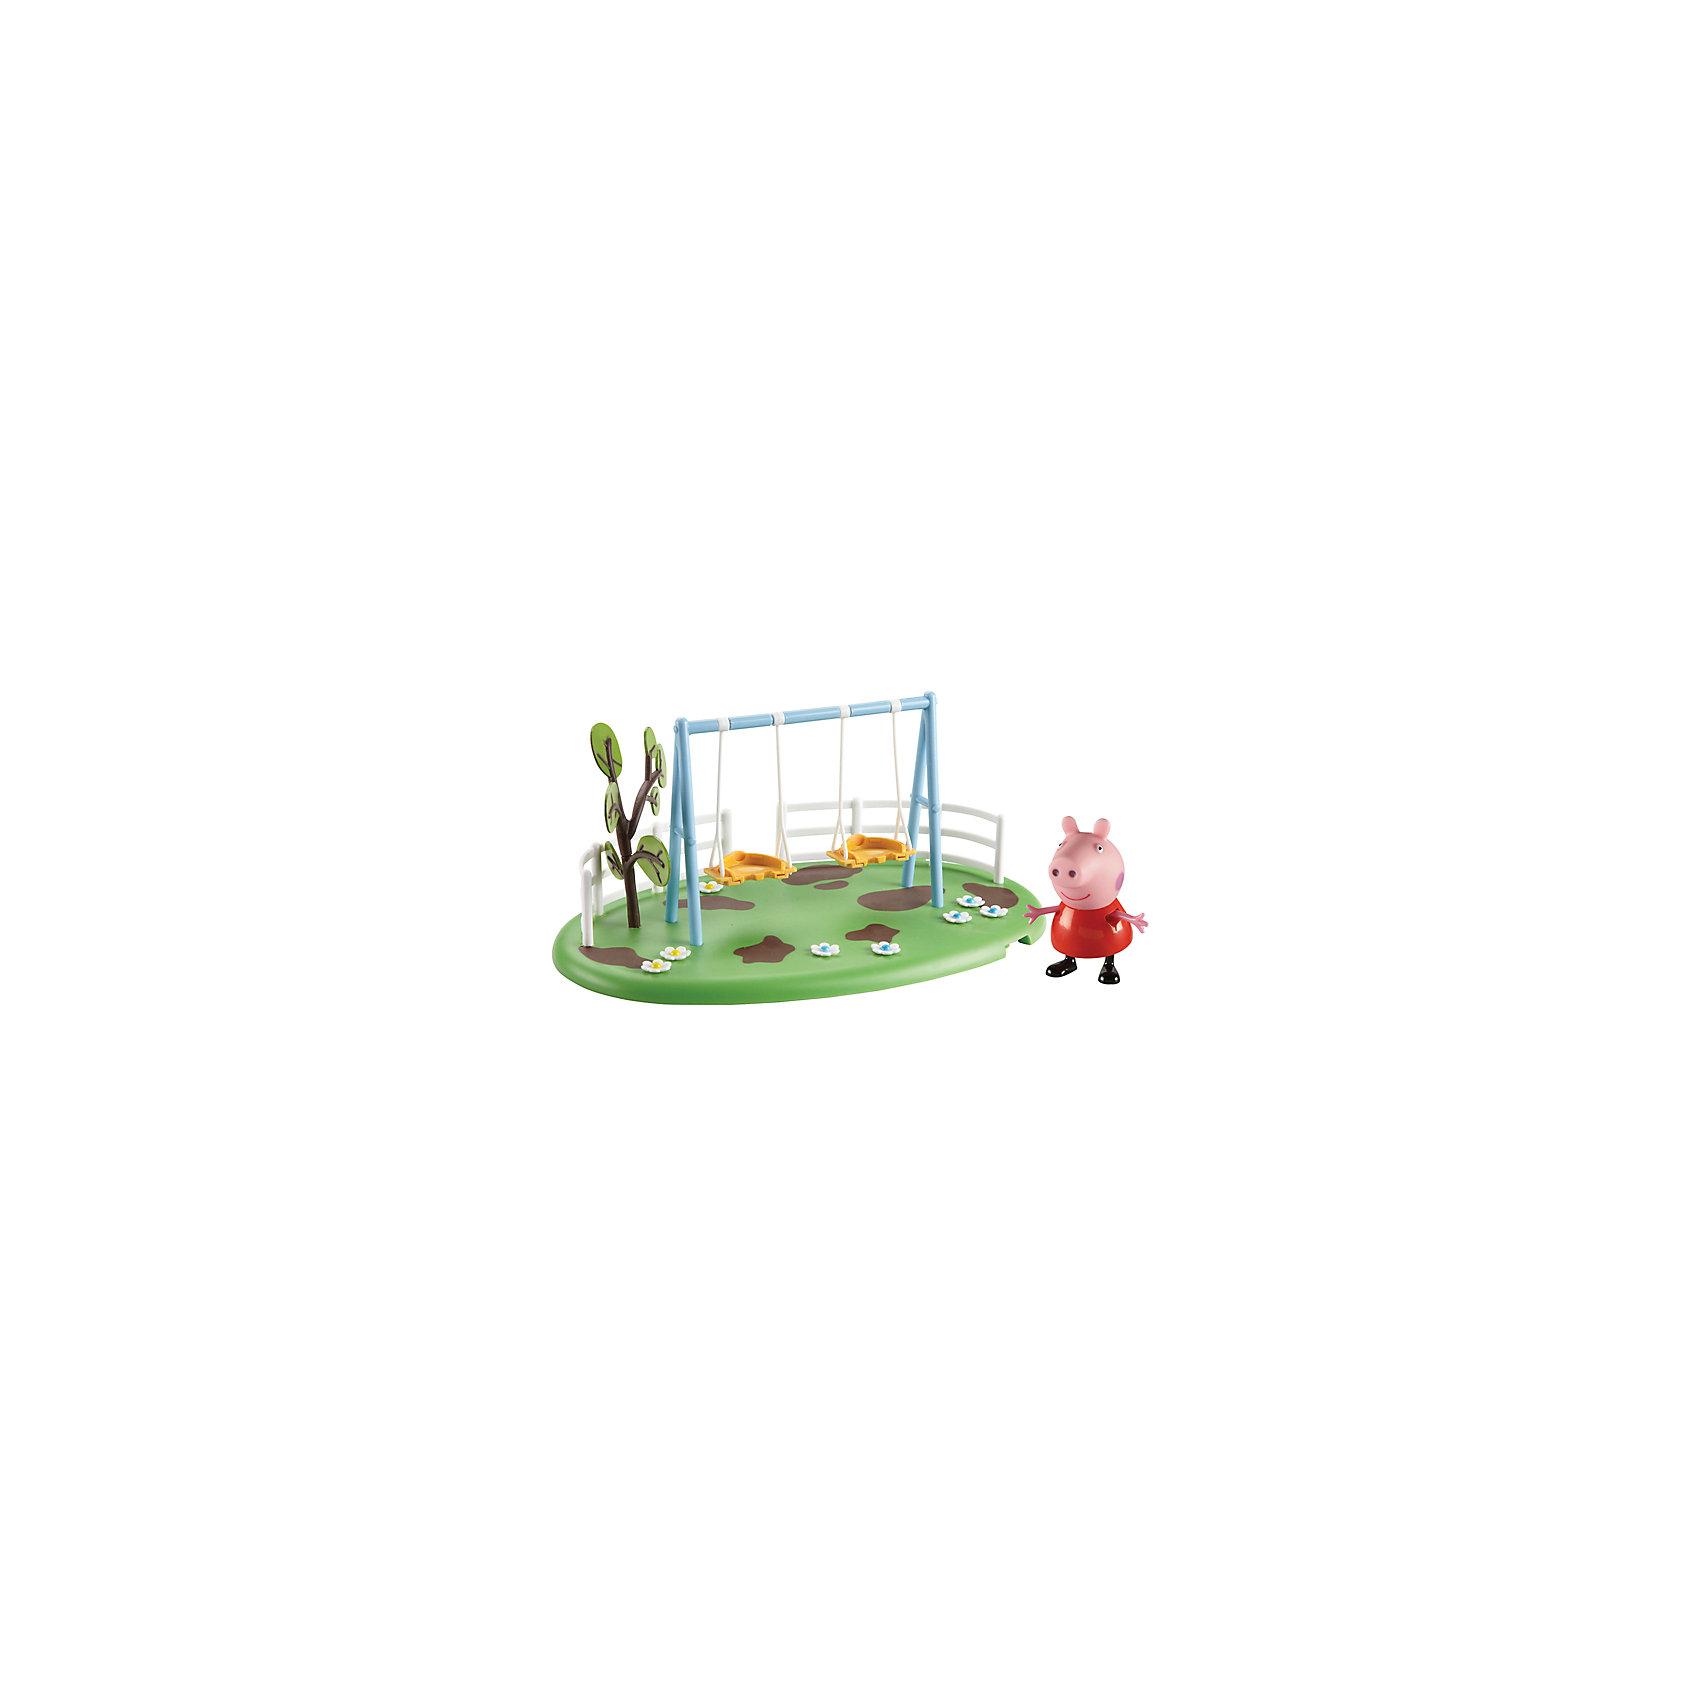 Игровая площадка Качели Пеппы, Свинка ПеппаСвинка Пеппа отправляется гулять на зеленую цветочную лужайку. На ней расположены две съемные качели со специальными дырочками на сидениях, в которых можно прочно зафиксировать ножки фигурок. Пеппа и ее друзья будут весело качаться, не боясь упасть. От одного несильного толчка качели могут сами раскачиваться в течение 10-15 секунд. Рядом с ними растет дерево, а вокруг видны небольшие «лужи» – Пеппа и ее друзья обожают прыгать по ним! Снизу у игрушки имеются специальные приспособления, которые по типу пазлов позволяют скрепить все площадки из ассортимента. Из данной серии вы также можете выбрать следующие наборы: «Качели-качалка», «Горка».<br><br><br>Дополнительная информация:<br><br>В наборе «Качели Пеппы» из серии «Игровая площадка Пеппы» 2 предмета: площадка с качелями и фигурка Свинки Пеппы (5 см), которая может стоять, сидеть, двигать ручками и ножками. Игрушки изготовлены из безопасного пластика. <br><br>Игровую площадку Качели Пеппы, Свинка Пеппа можно купить в нашем магазине.<br><br>Ширина мм: 275<br>Глубина мм: 175<br>Высота мм: 160<br>Вес г: 440<br>Возраст от месяцев: 36<br>Возраст до месяцев: 72<br>Пол: Унисекс<br>Возраст: Детский<br>SKU: 4440529